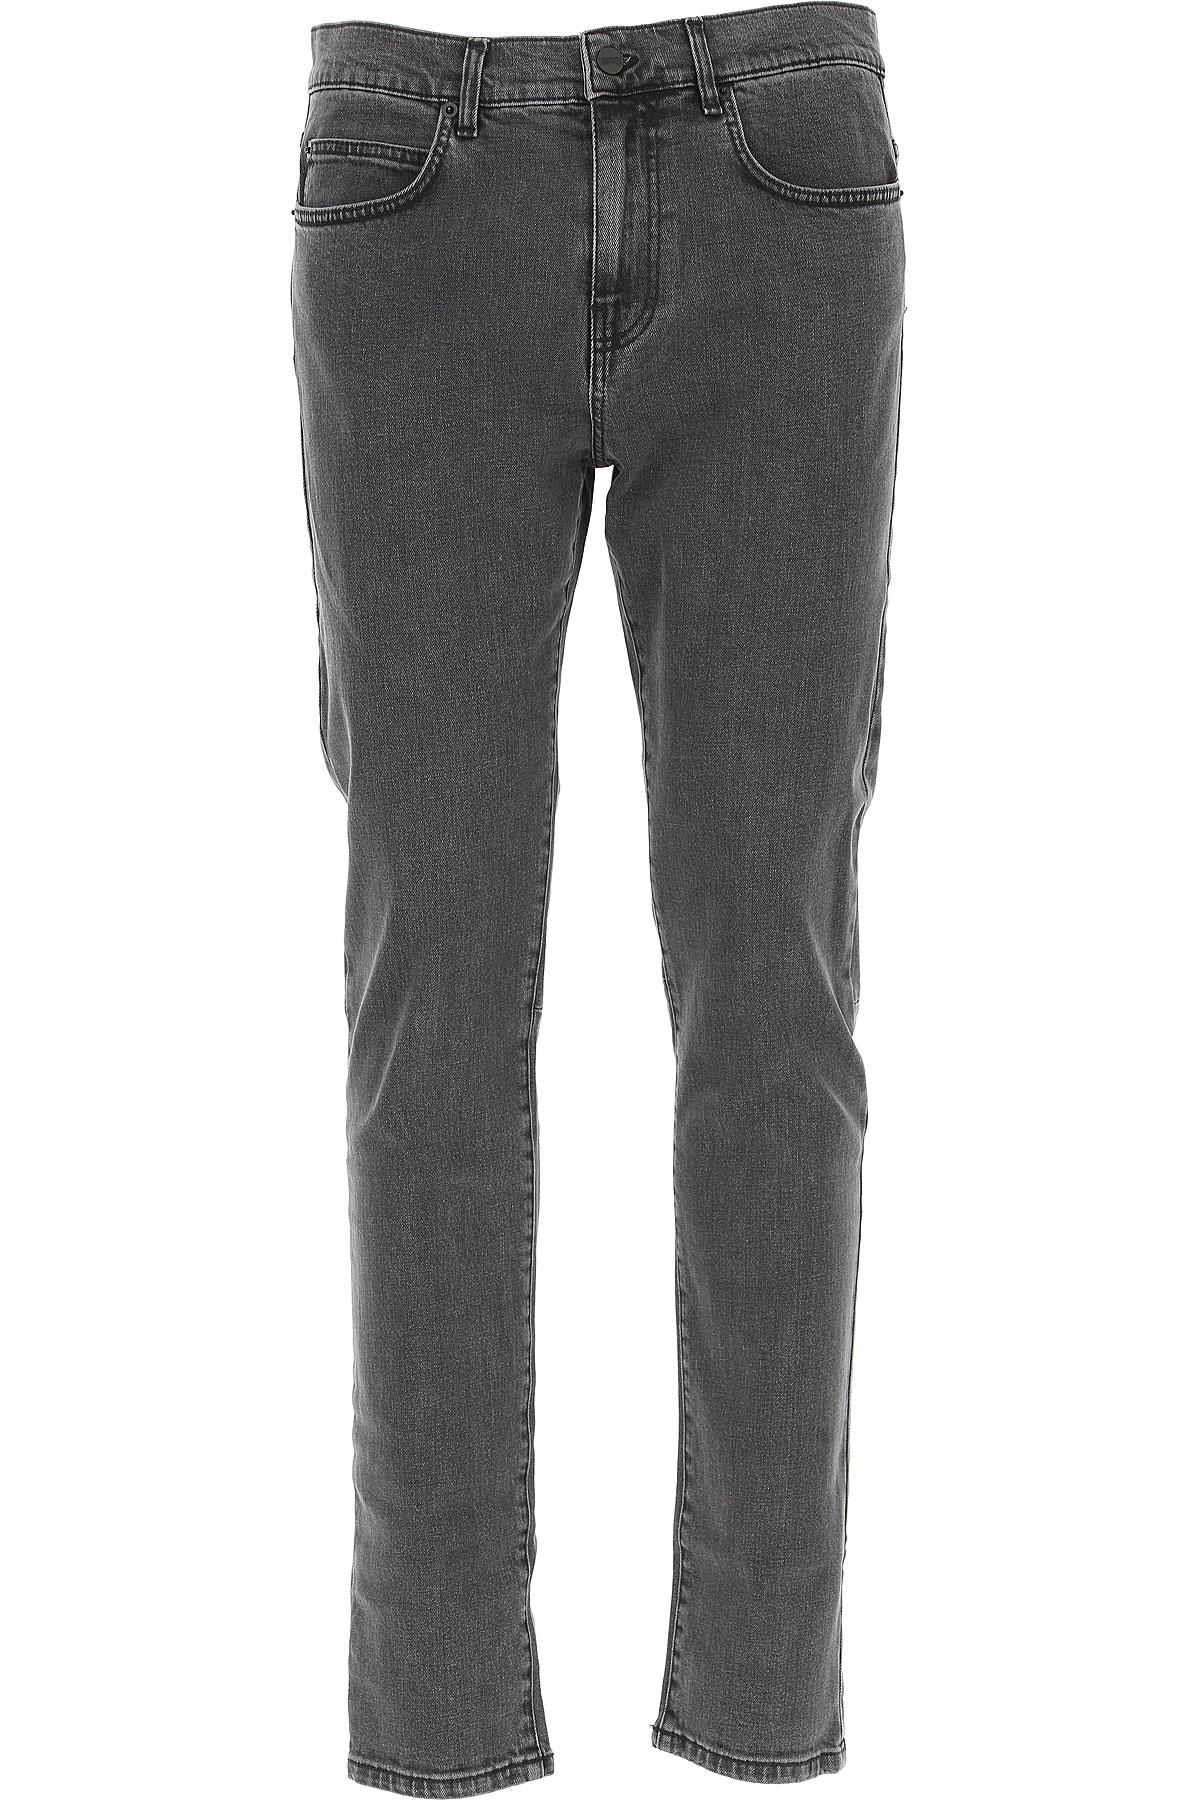 Alexander McQueen McQ Jeans On Sale, Denim Grey, Cotton, 2017, 30 31 32 33 34 38